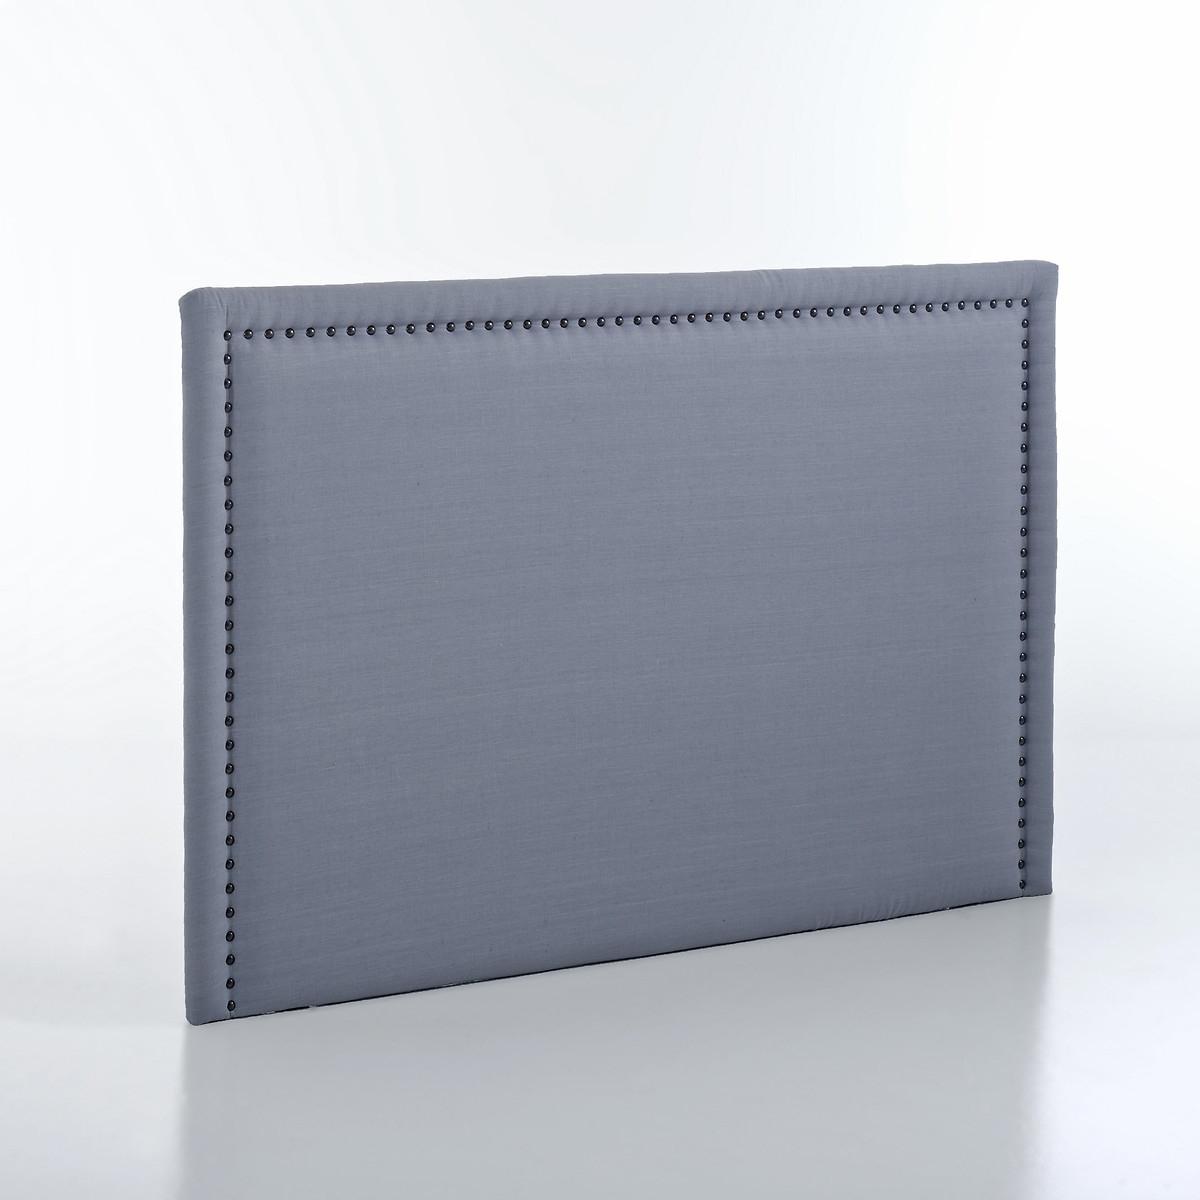 Изголовье LaRedoute Кровати из льна Выс115 см Yliana 180 см серый кровати 160 см